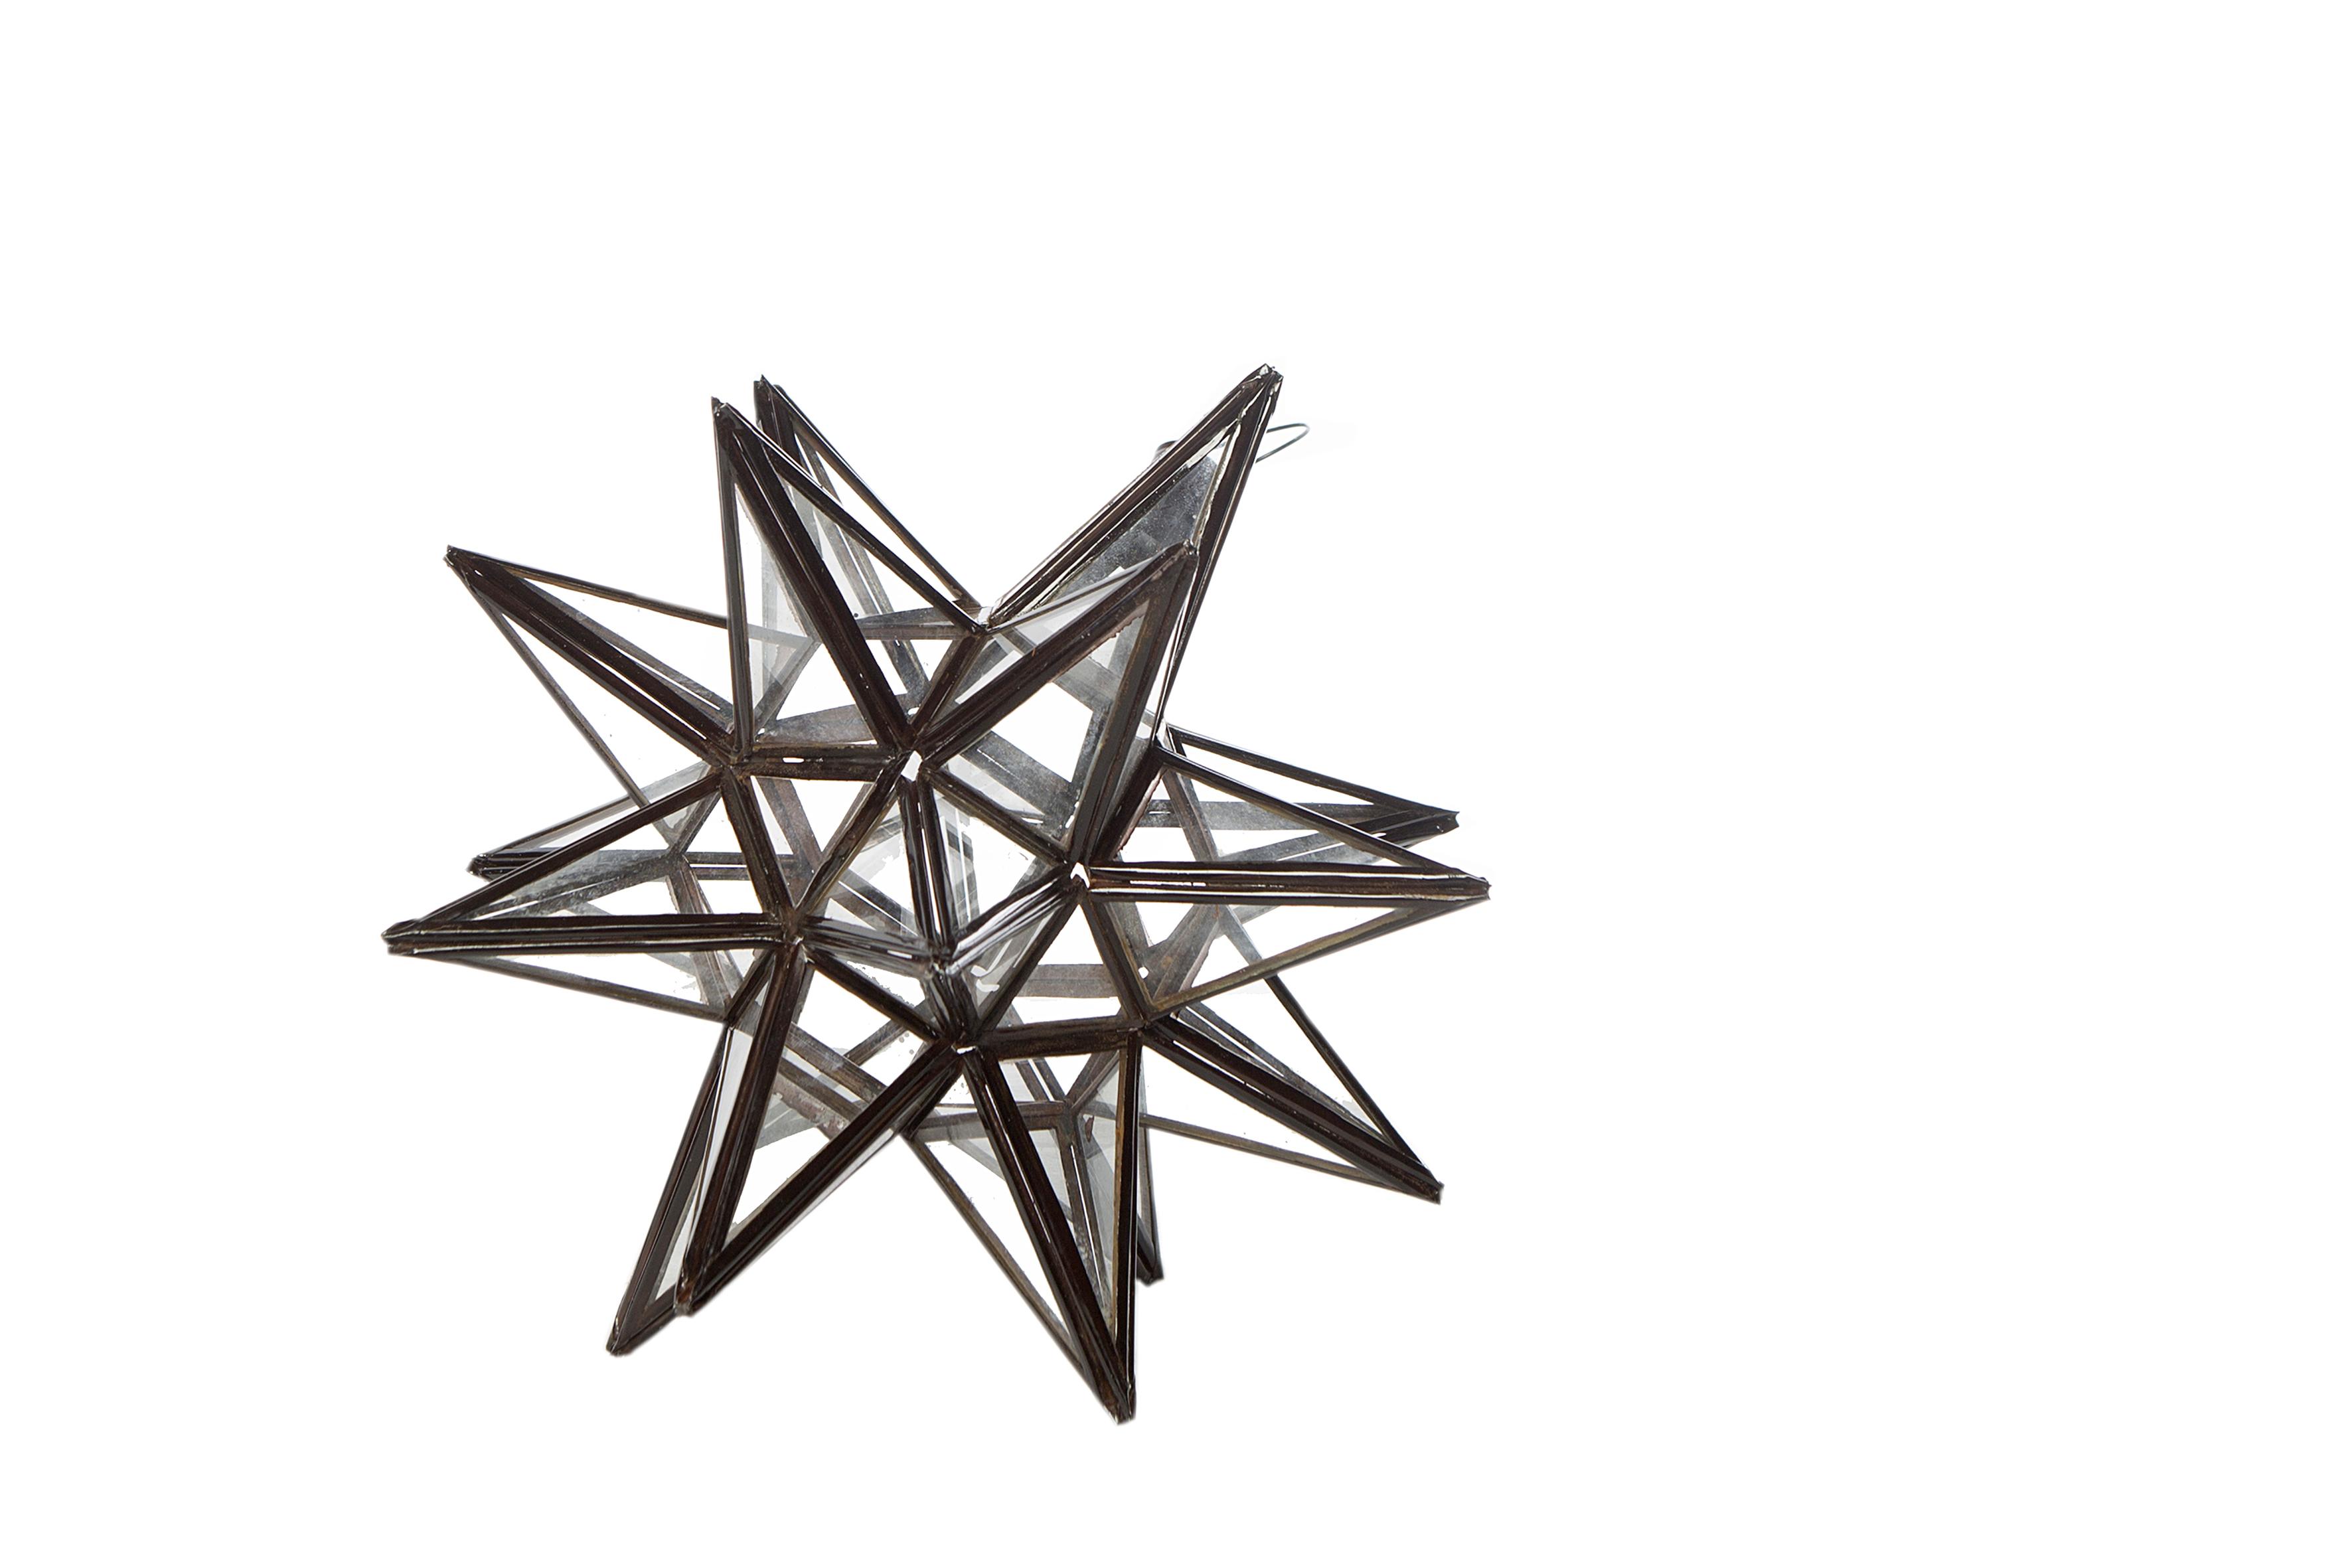 Stjernelampe i klar glas - 25 cm i dia.